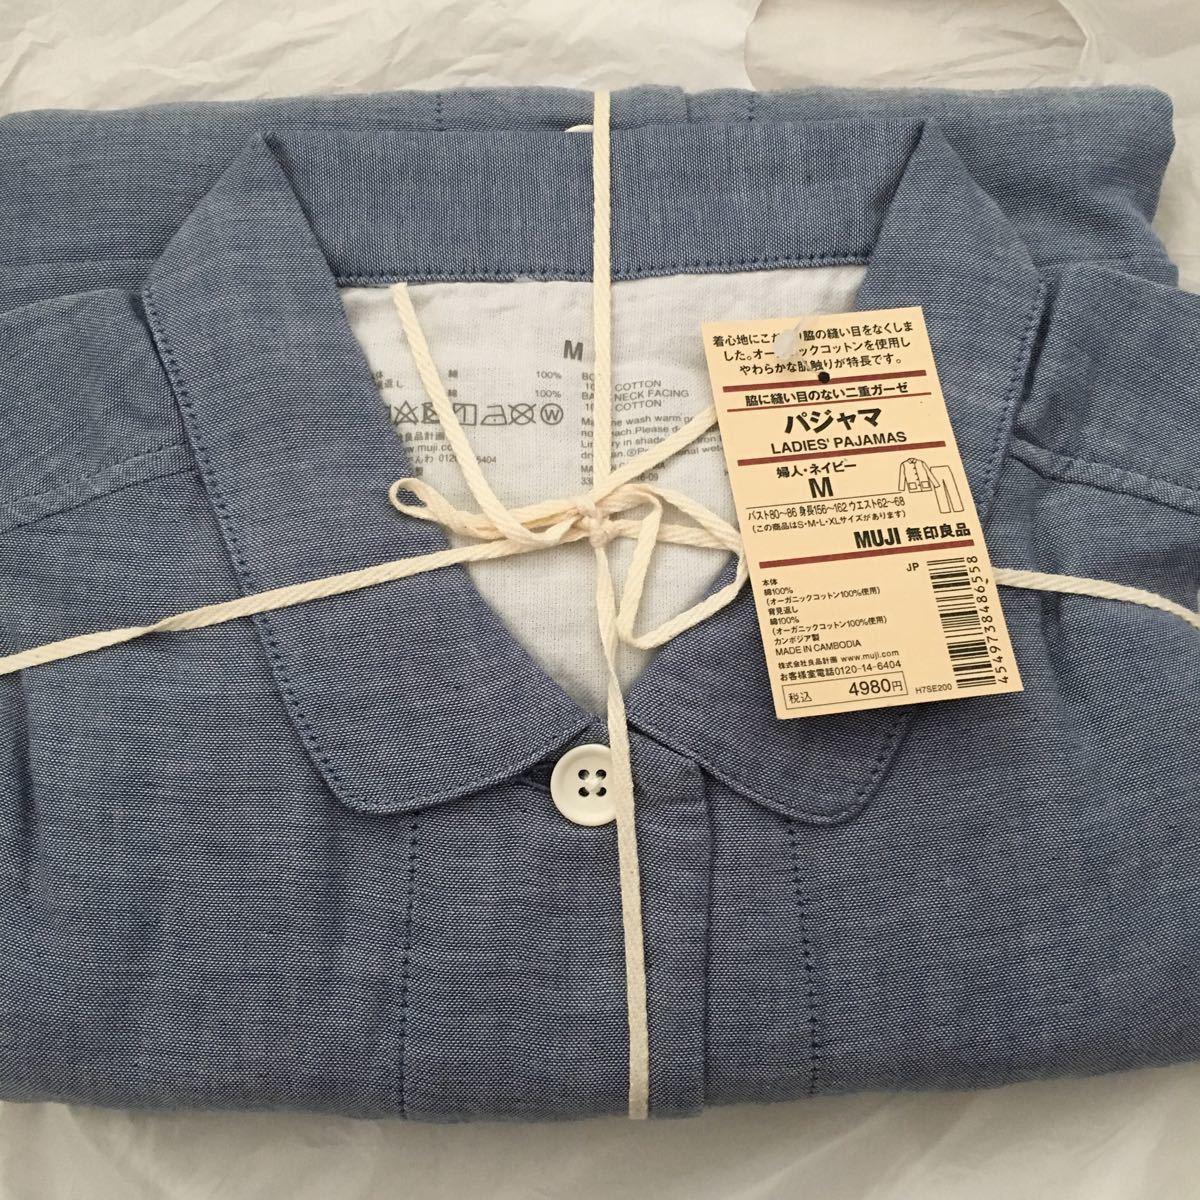 送料無料 新品 無印 パジャマ レディース M 脇に縫い目のない二重ガーゼ オーガニックコットン100% ネイビー ナイトウェア